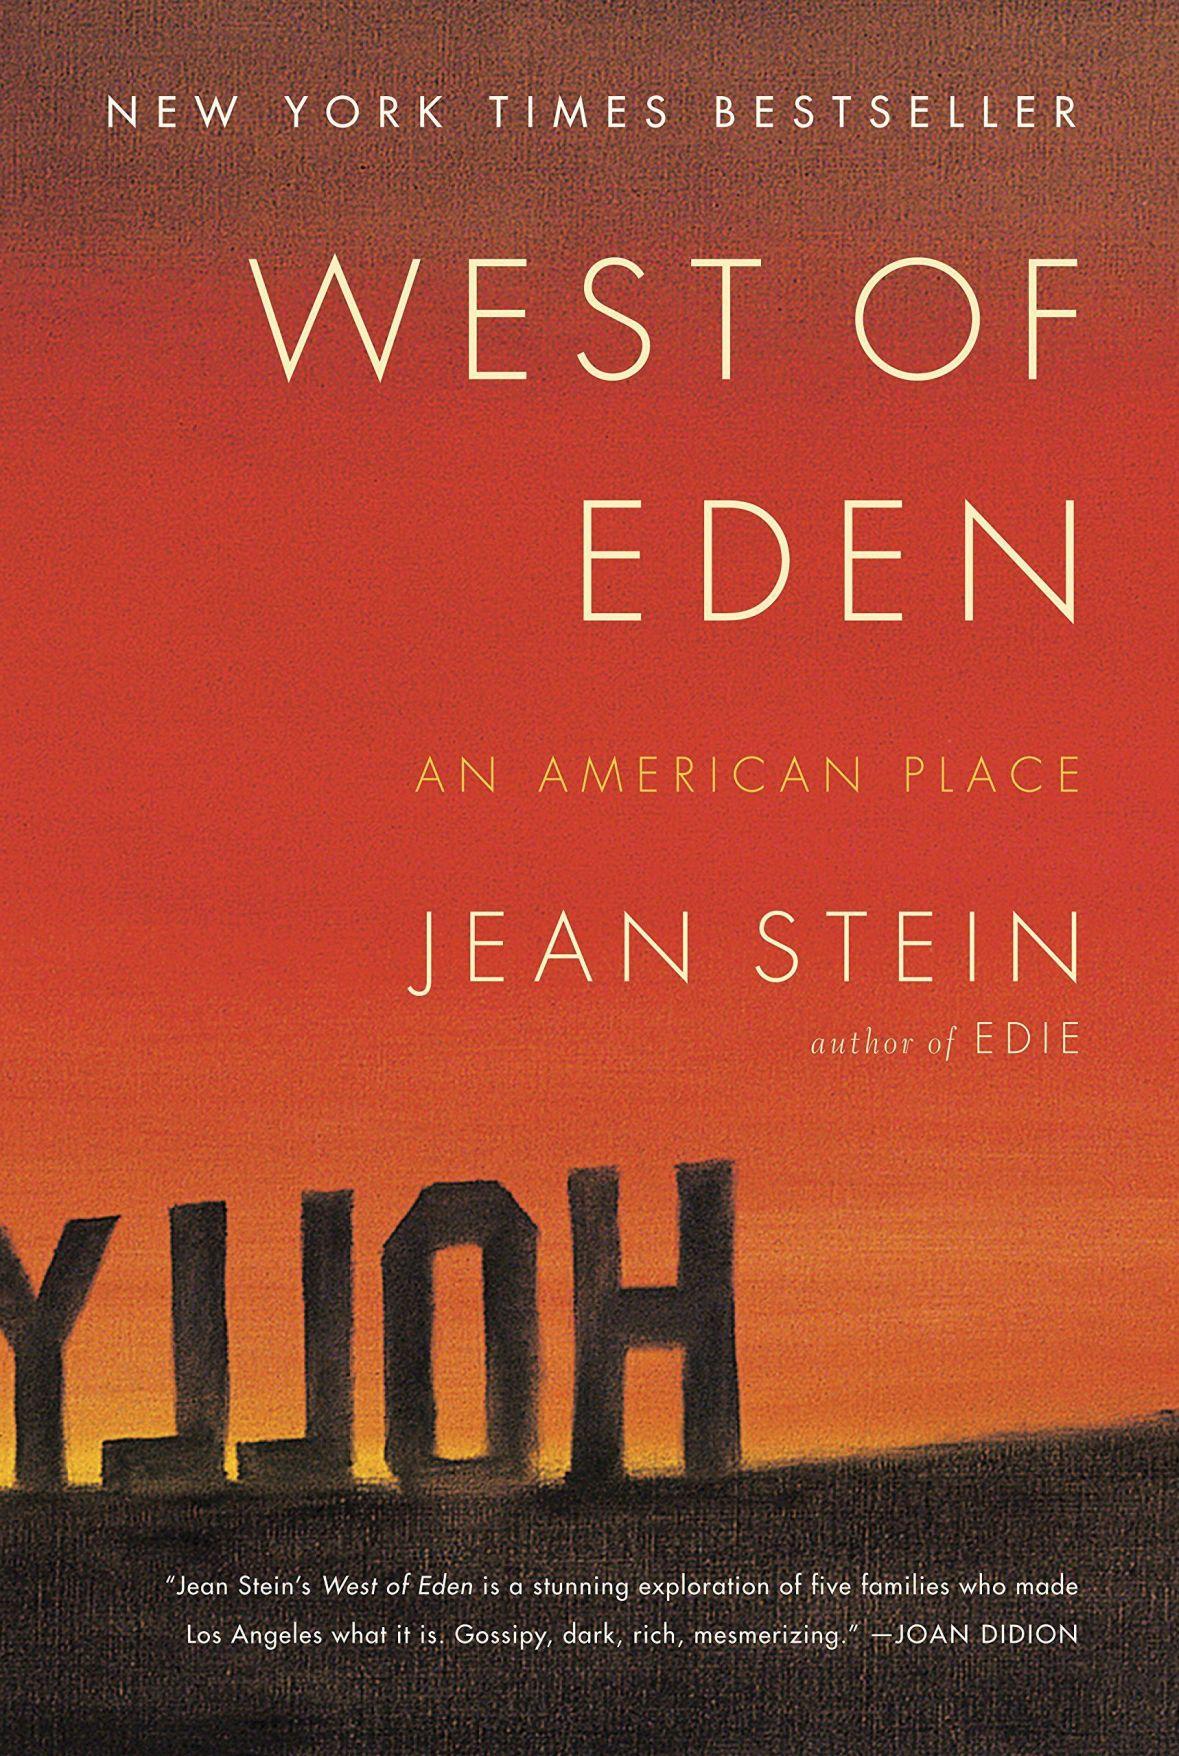 'West of Eden'